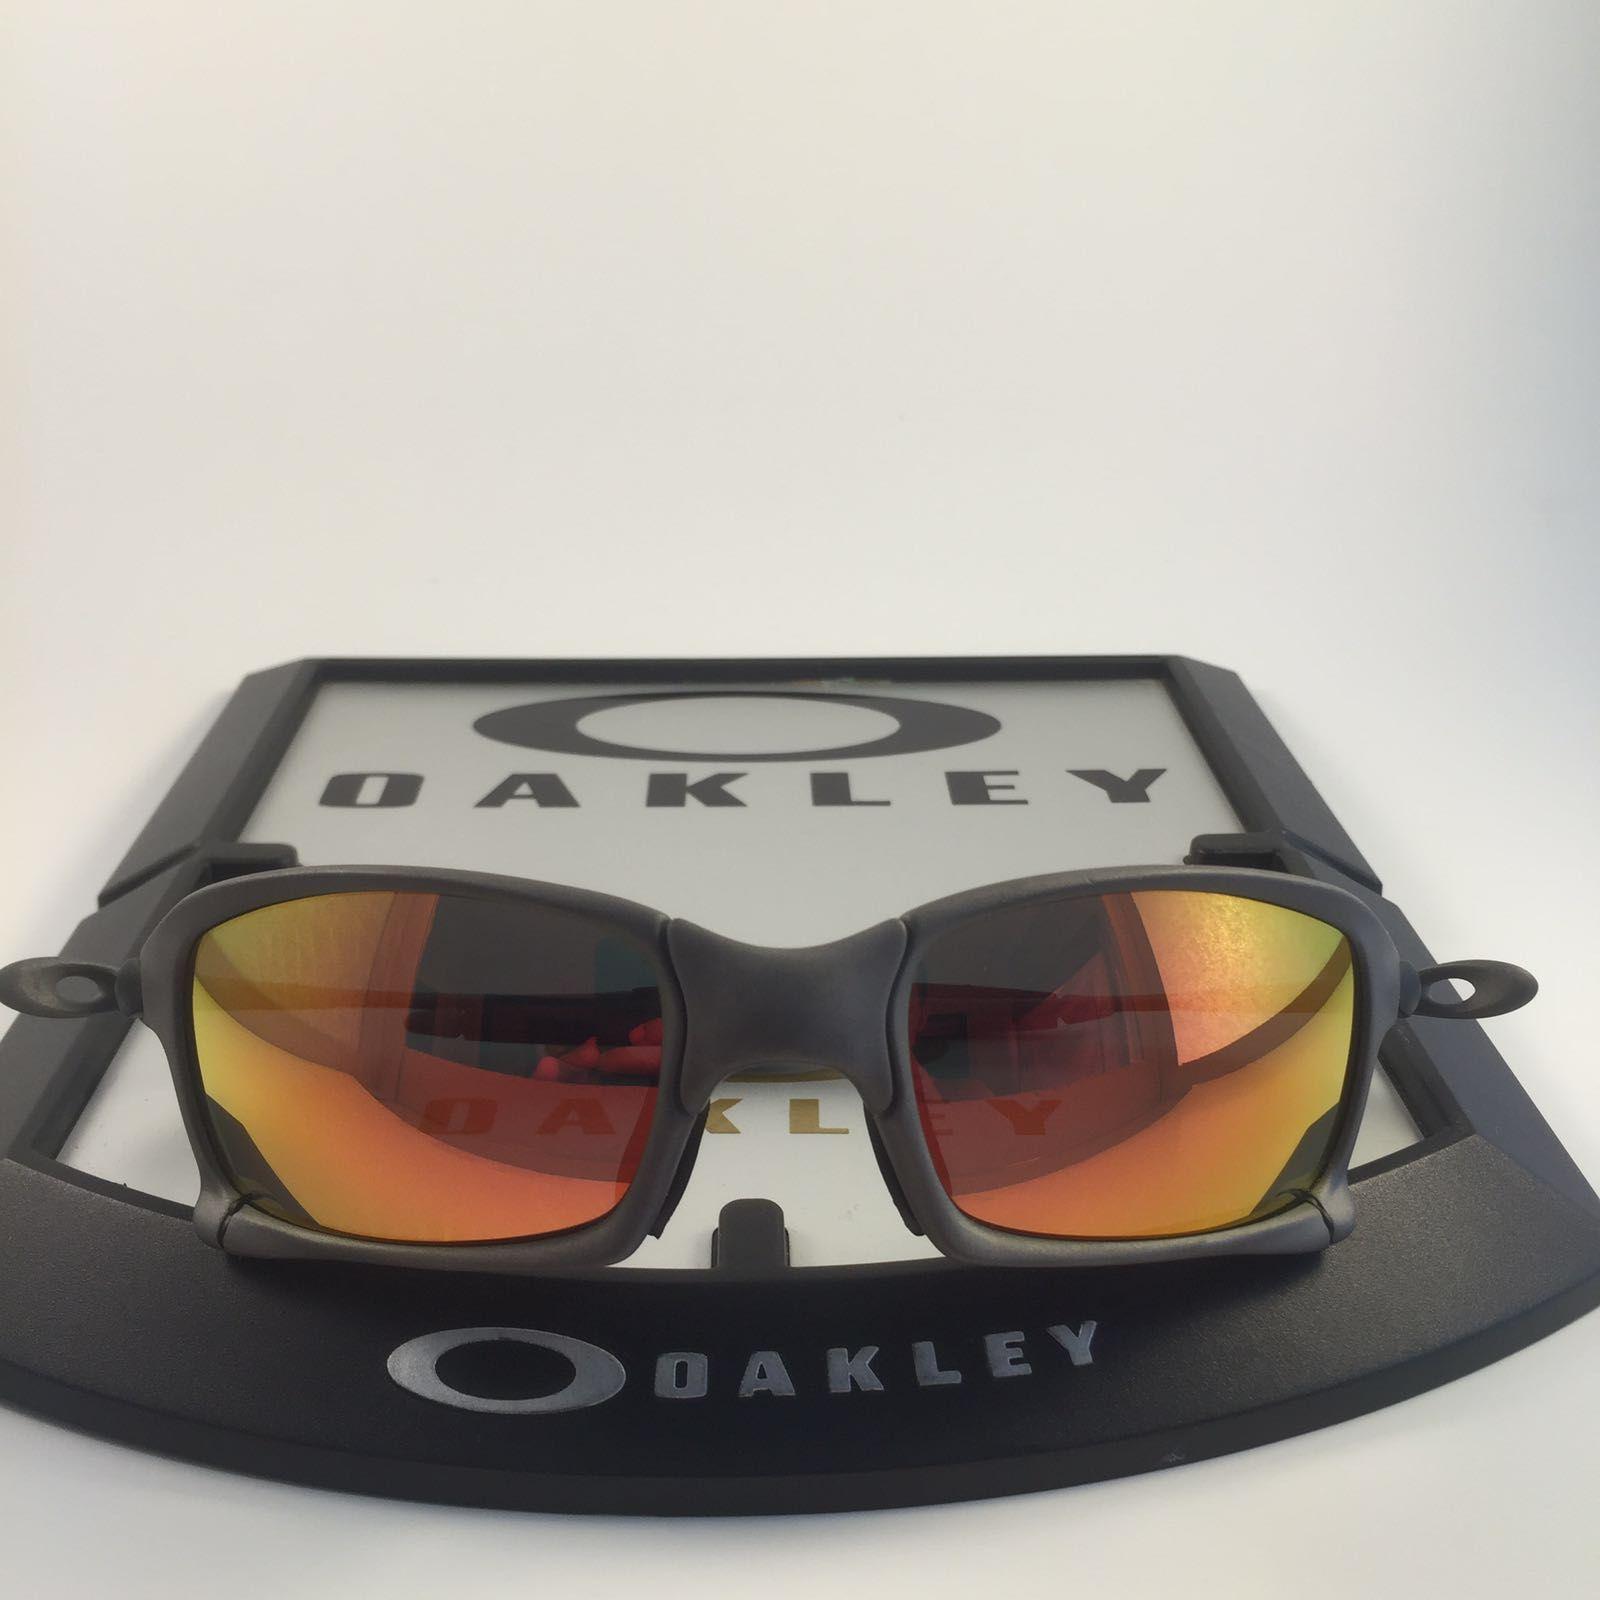 oakley x squared x-metal - 8af560fa-caaa-48b3-9f0a-093934a5d9c1.jpeg